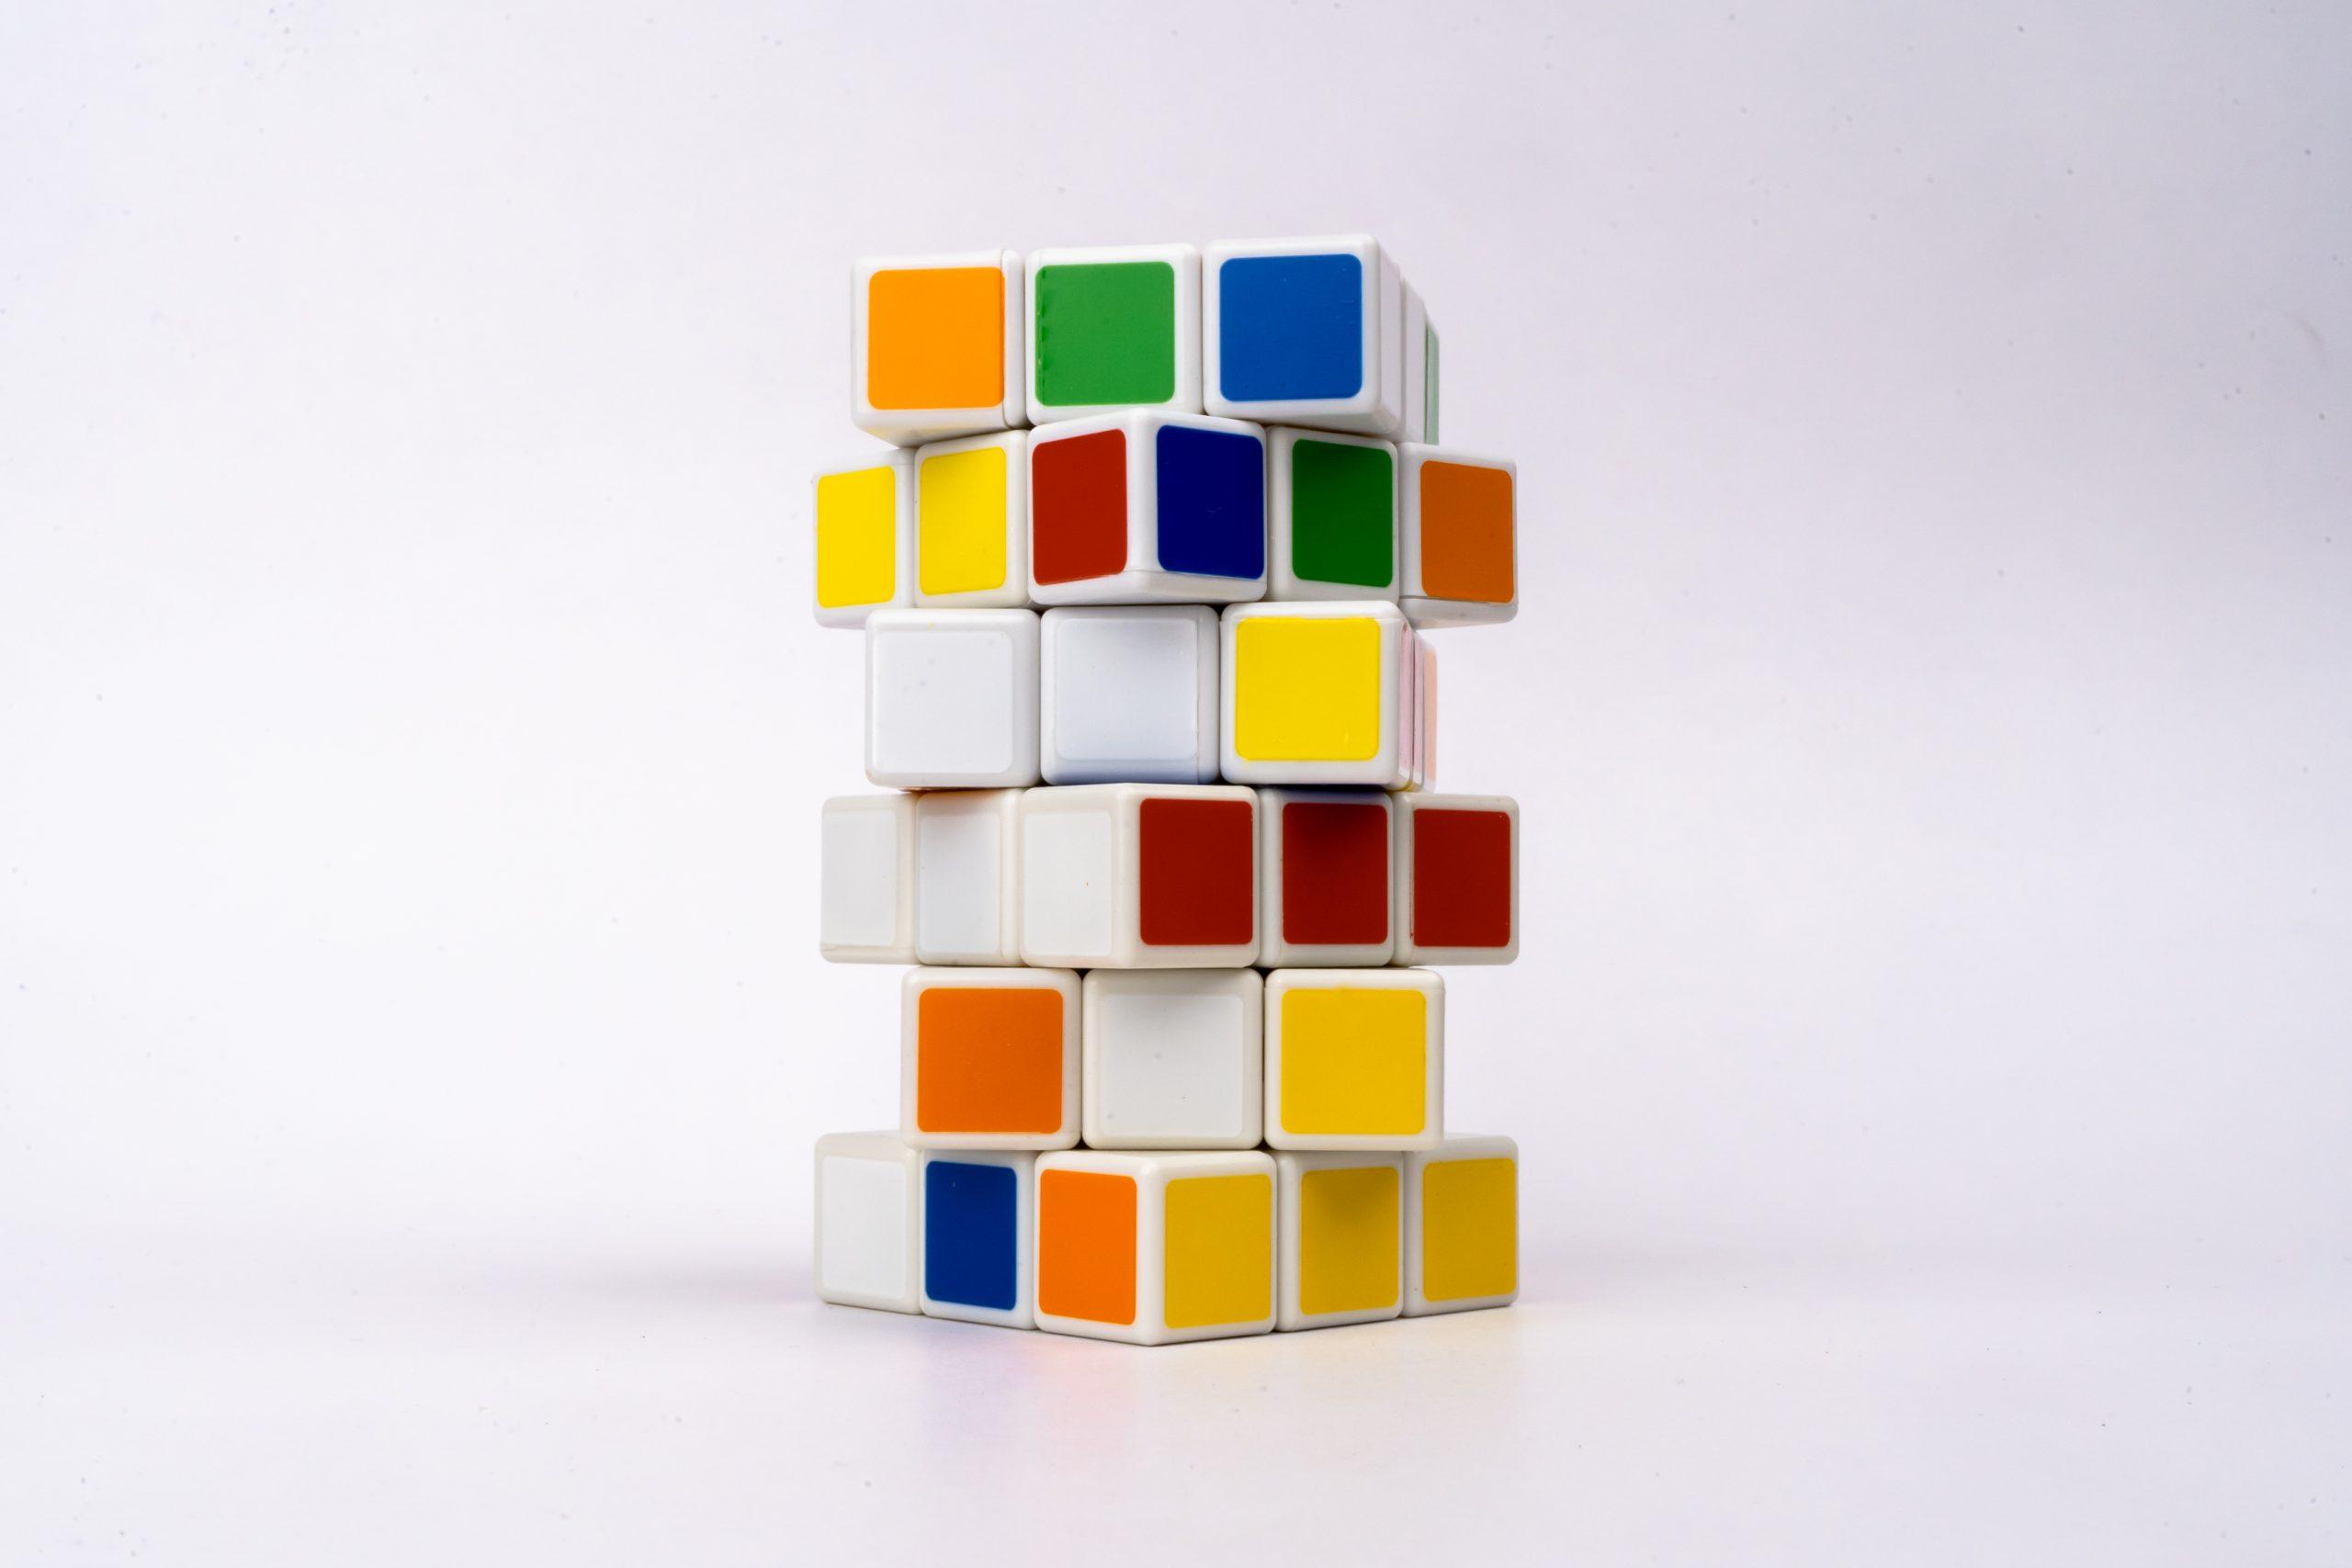 2 jumbled Rubik cubes